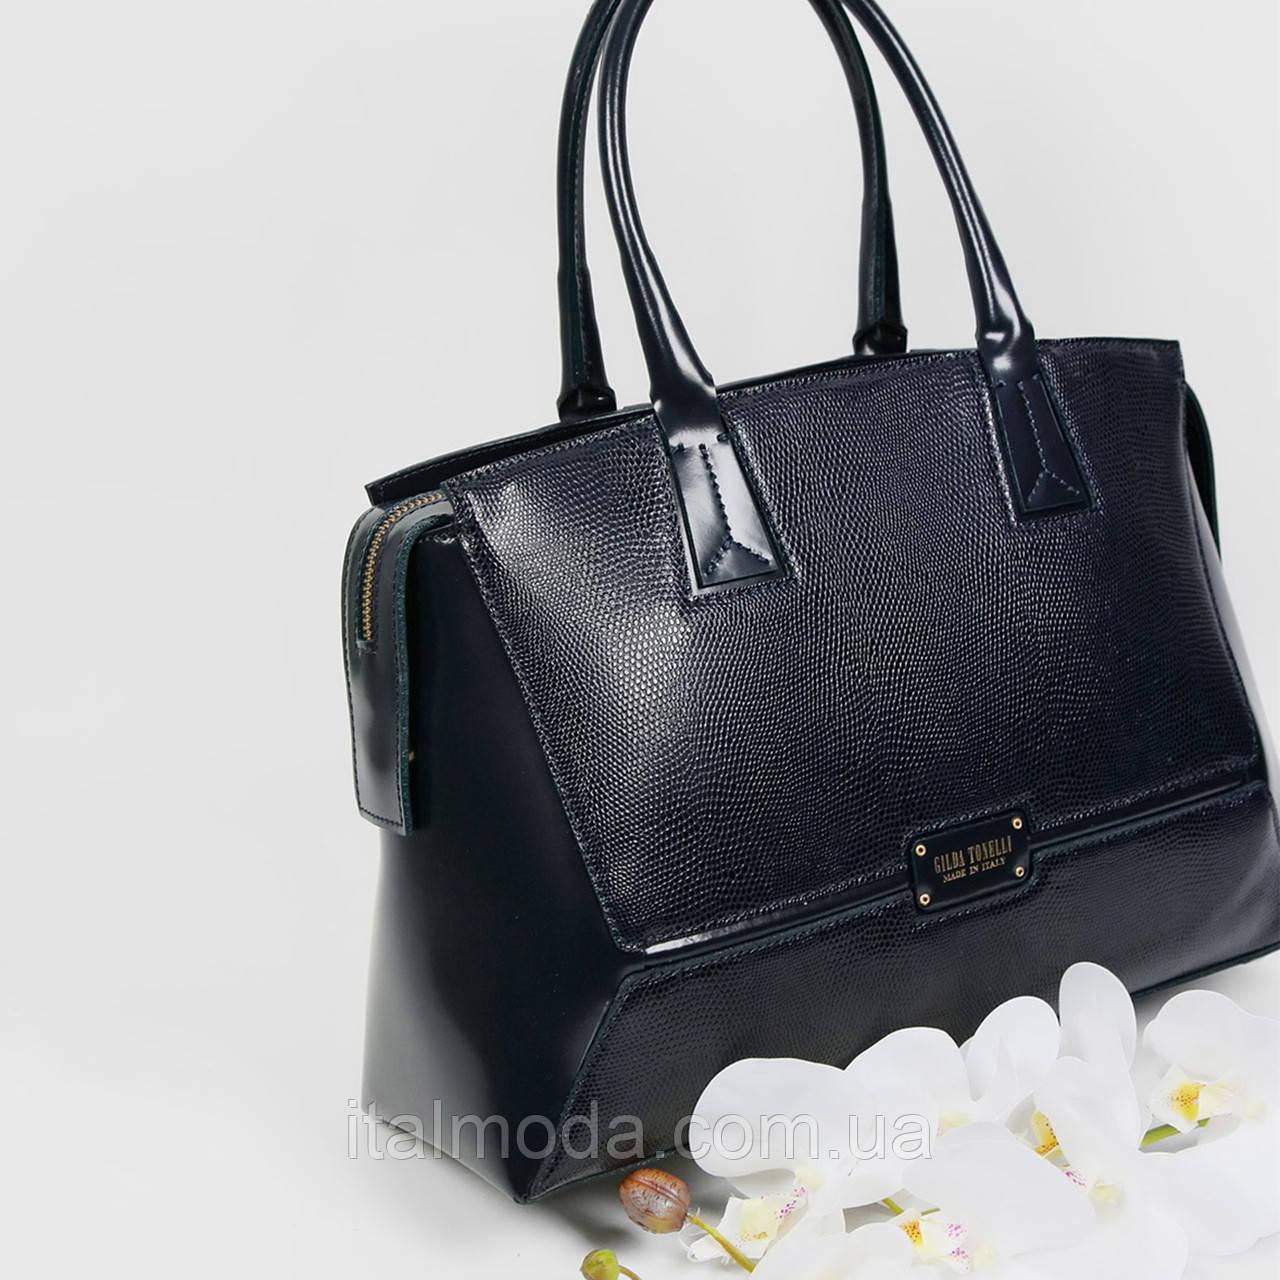 53164b96f0b8 Женская сумка Gilda Tonelli 1610, цена 6 440 грн., купить в Киеве ...